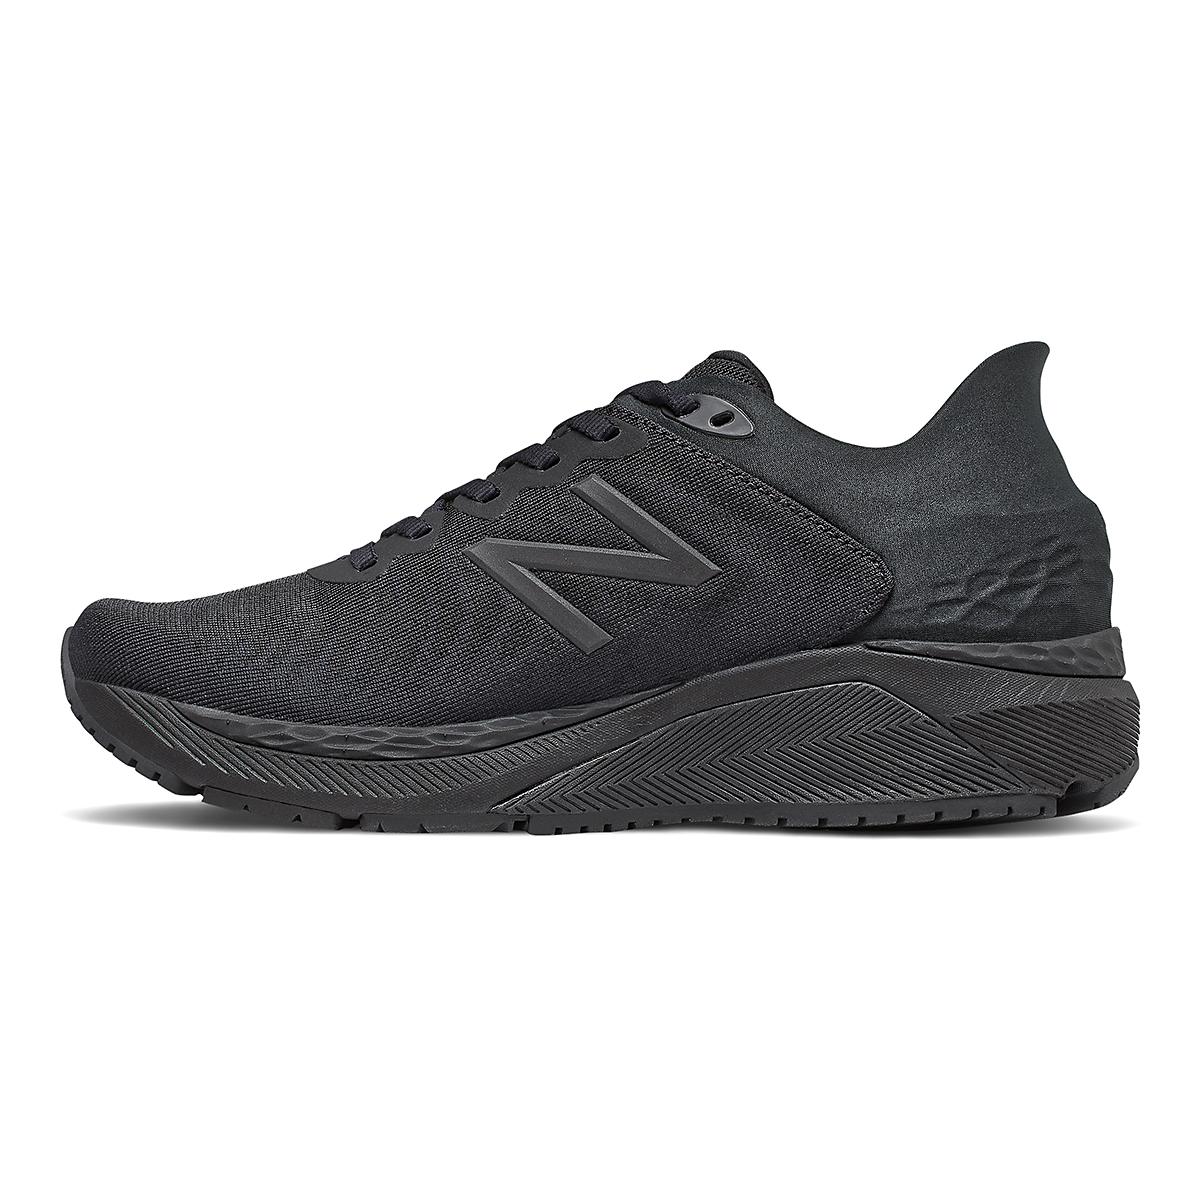 Women's New Balance 860V11 Running Shoe - Color: Black - Size: 6.5 - Width: Regular, Black, large, image 2